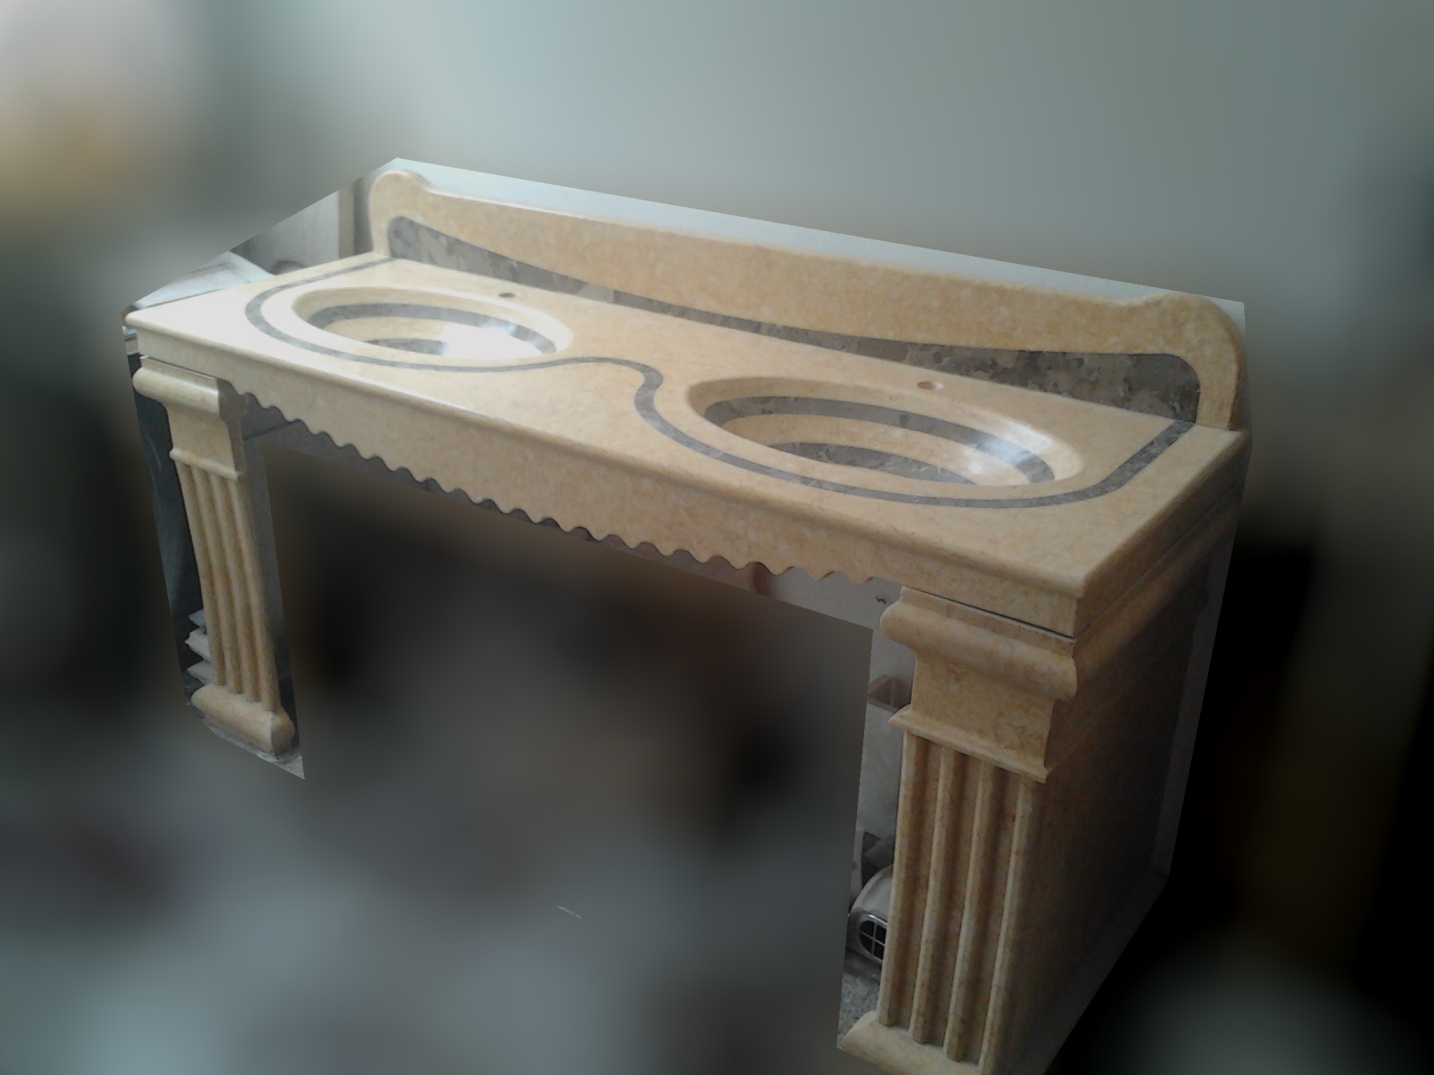 Lavelli lavandini lavabi piatti doccia in marmo pietra mobili da bagno arredamento rustico moderno - Lavandini con mobile bagno ...